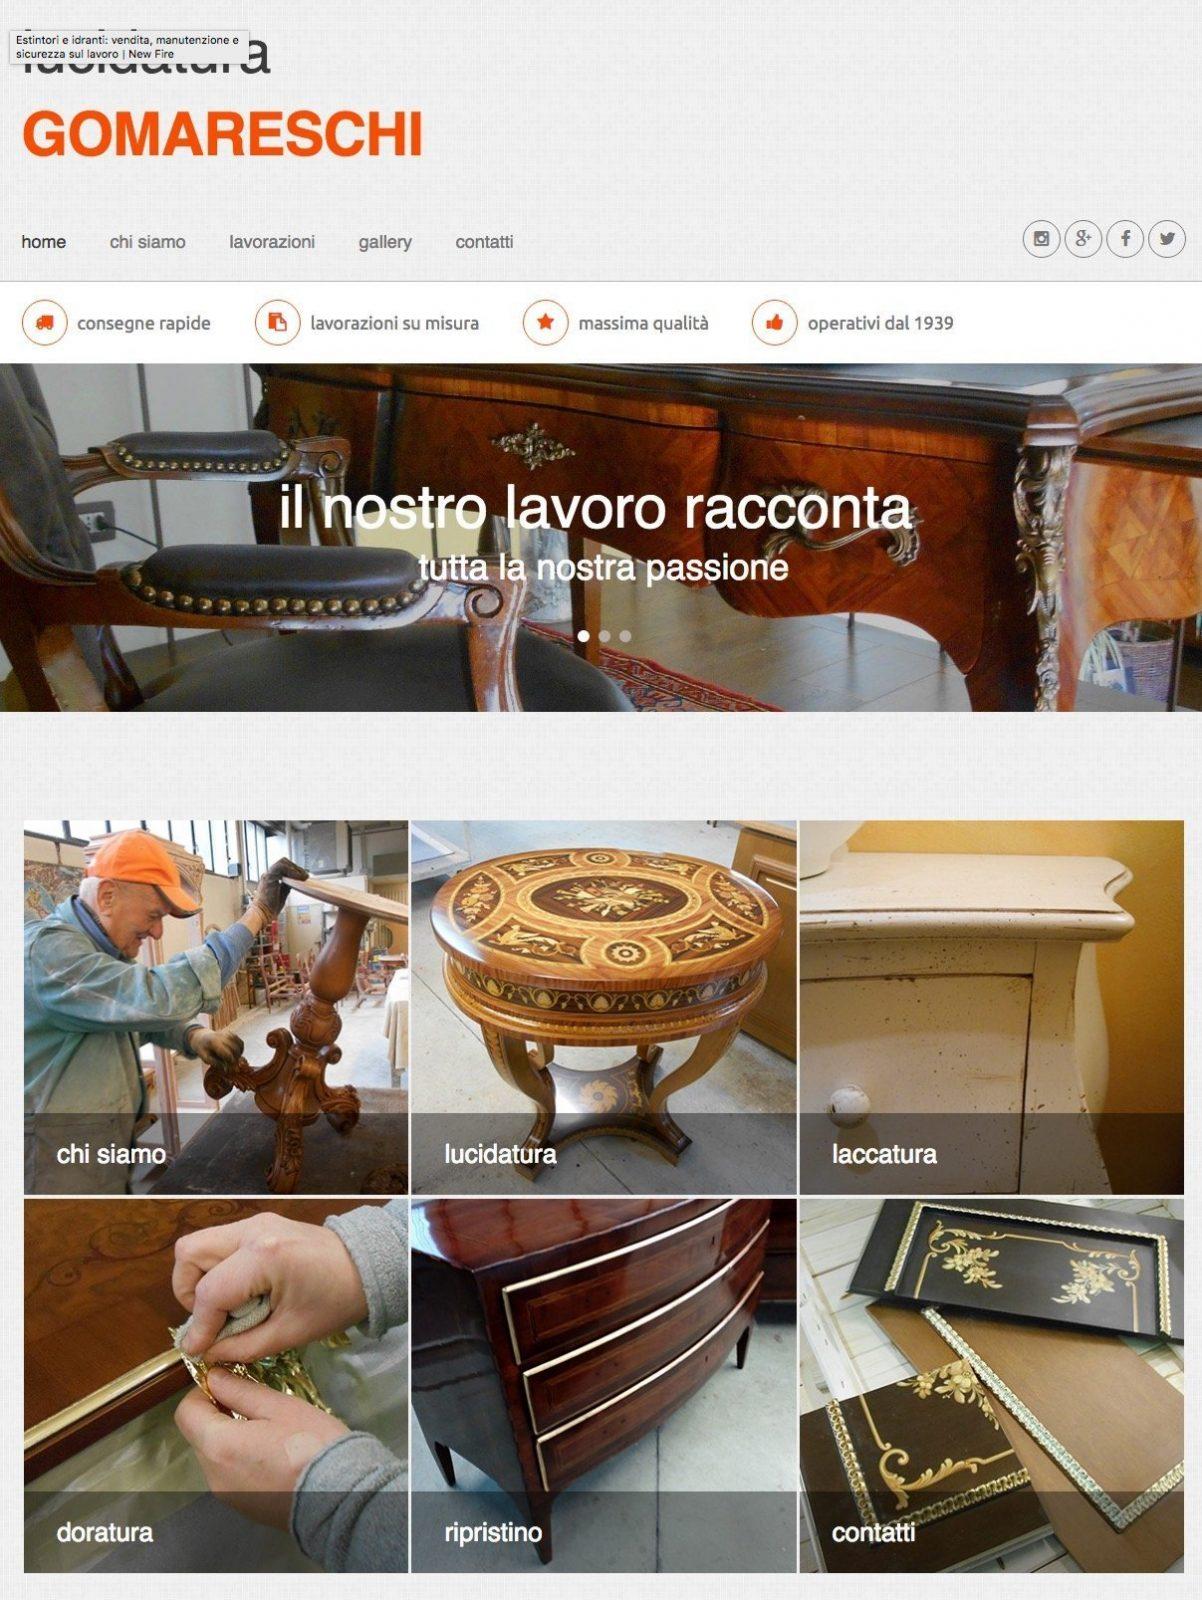 portfolio web designer lucidatura gomareschi